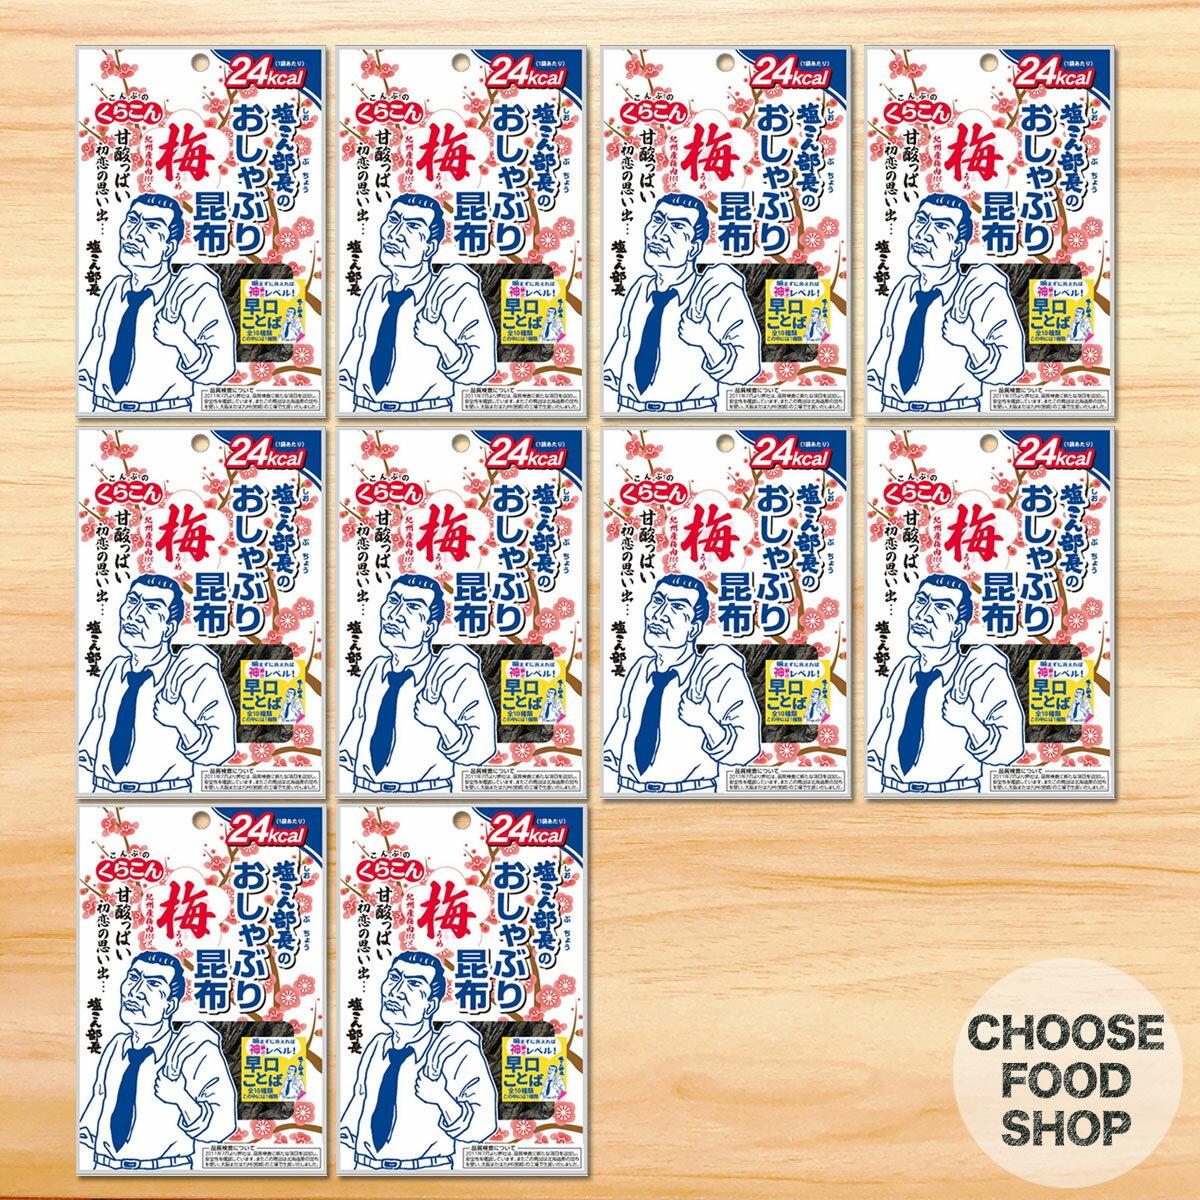 【全国送料無料】塩こん部長のおしゃぶり昆布梅 10袋 【ポスト投函 くらこん 【ポスト投函】